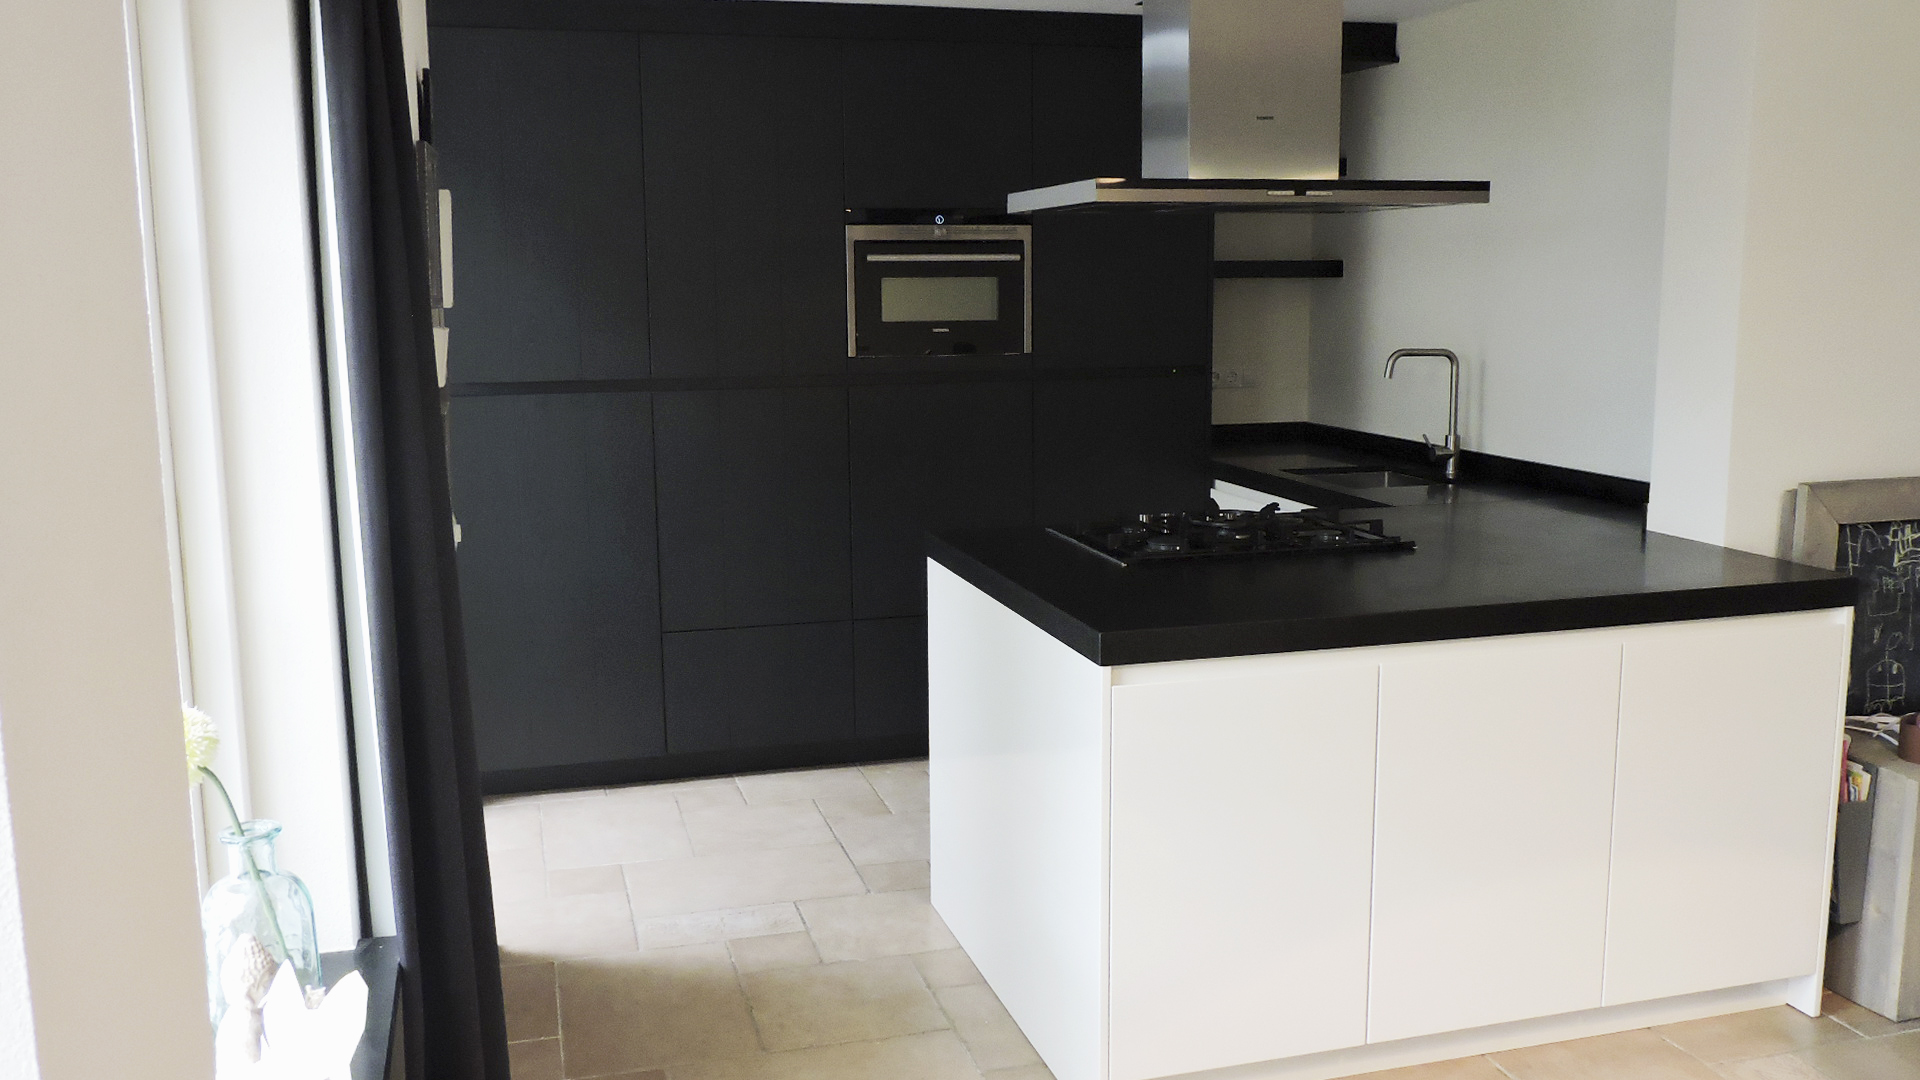 Moderne greeploze keuken donkergrijs met wit van doren maatinterieurs - Moderne designkeuken ...